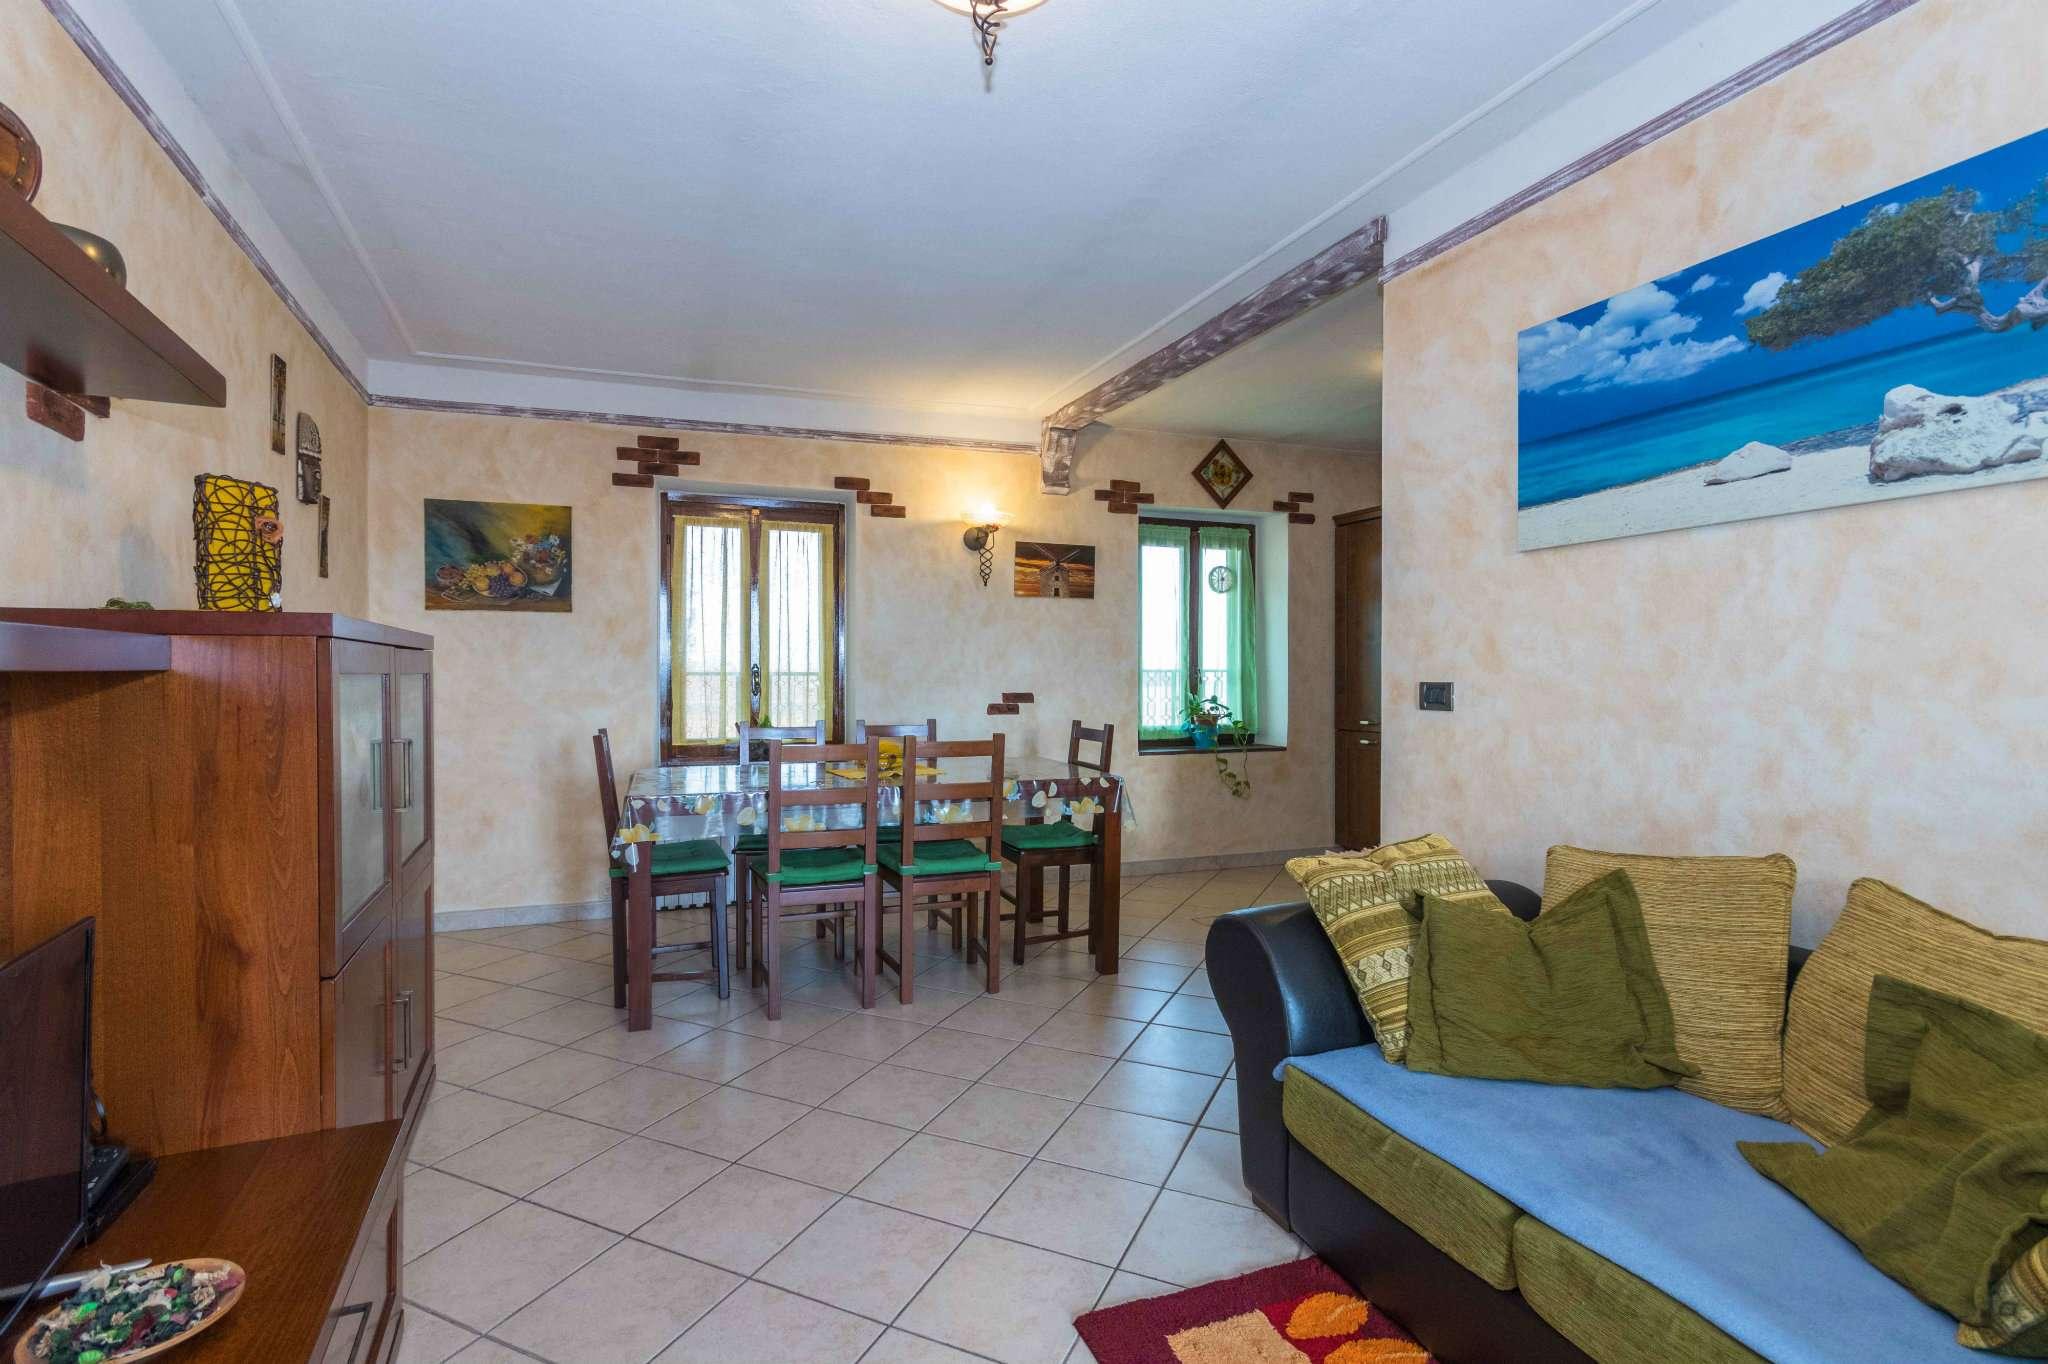 Appartamento in vendita a Caselle Torinese, 3 locali, prezzo € 95.000 | PortaleAgenzieImmobiliari.it